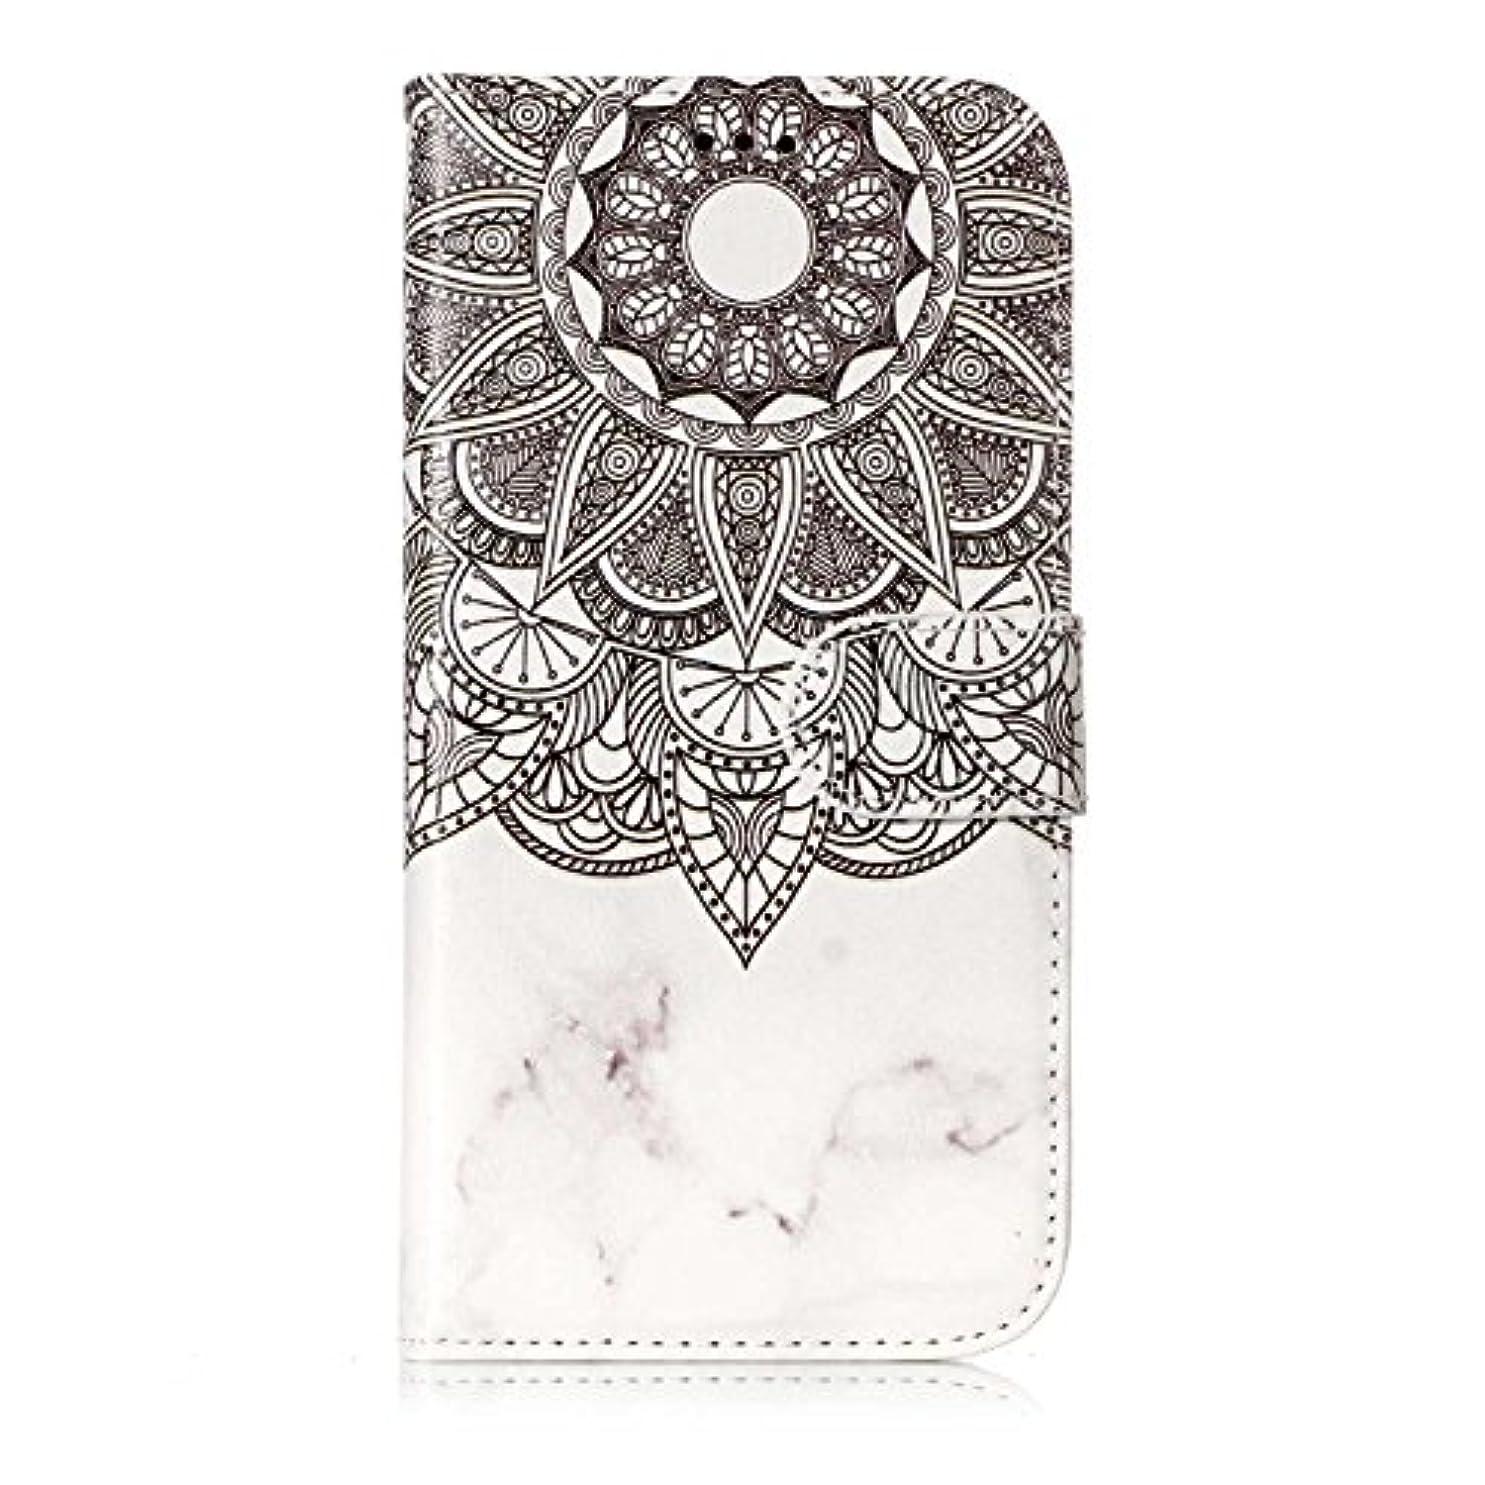 控えめな内部同等のGalaxy S7 ケース, OMATENTI 人気度 花柄 PU レザー 財布型 カバー ケース, カード収納 おしゃれ 高級感 手帳型ケース 衝撃吸収 落下防止 防塵 マグネット開閉式 プロテクター Galaxy S7 対応, 白いマンダラ